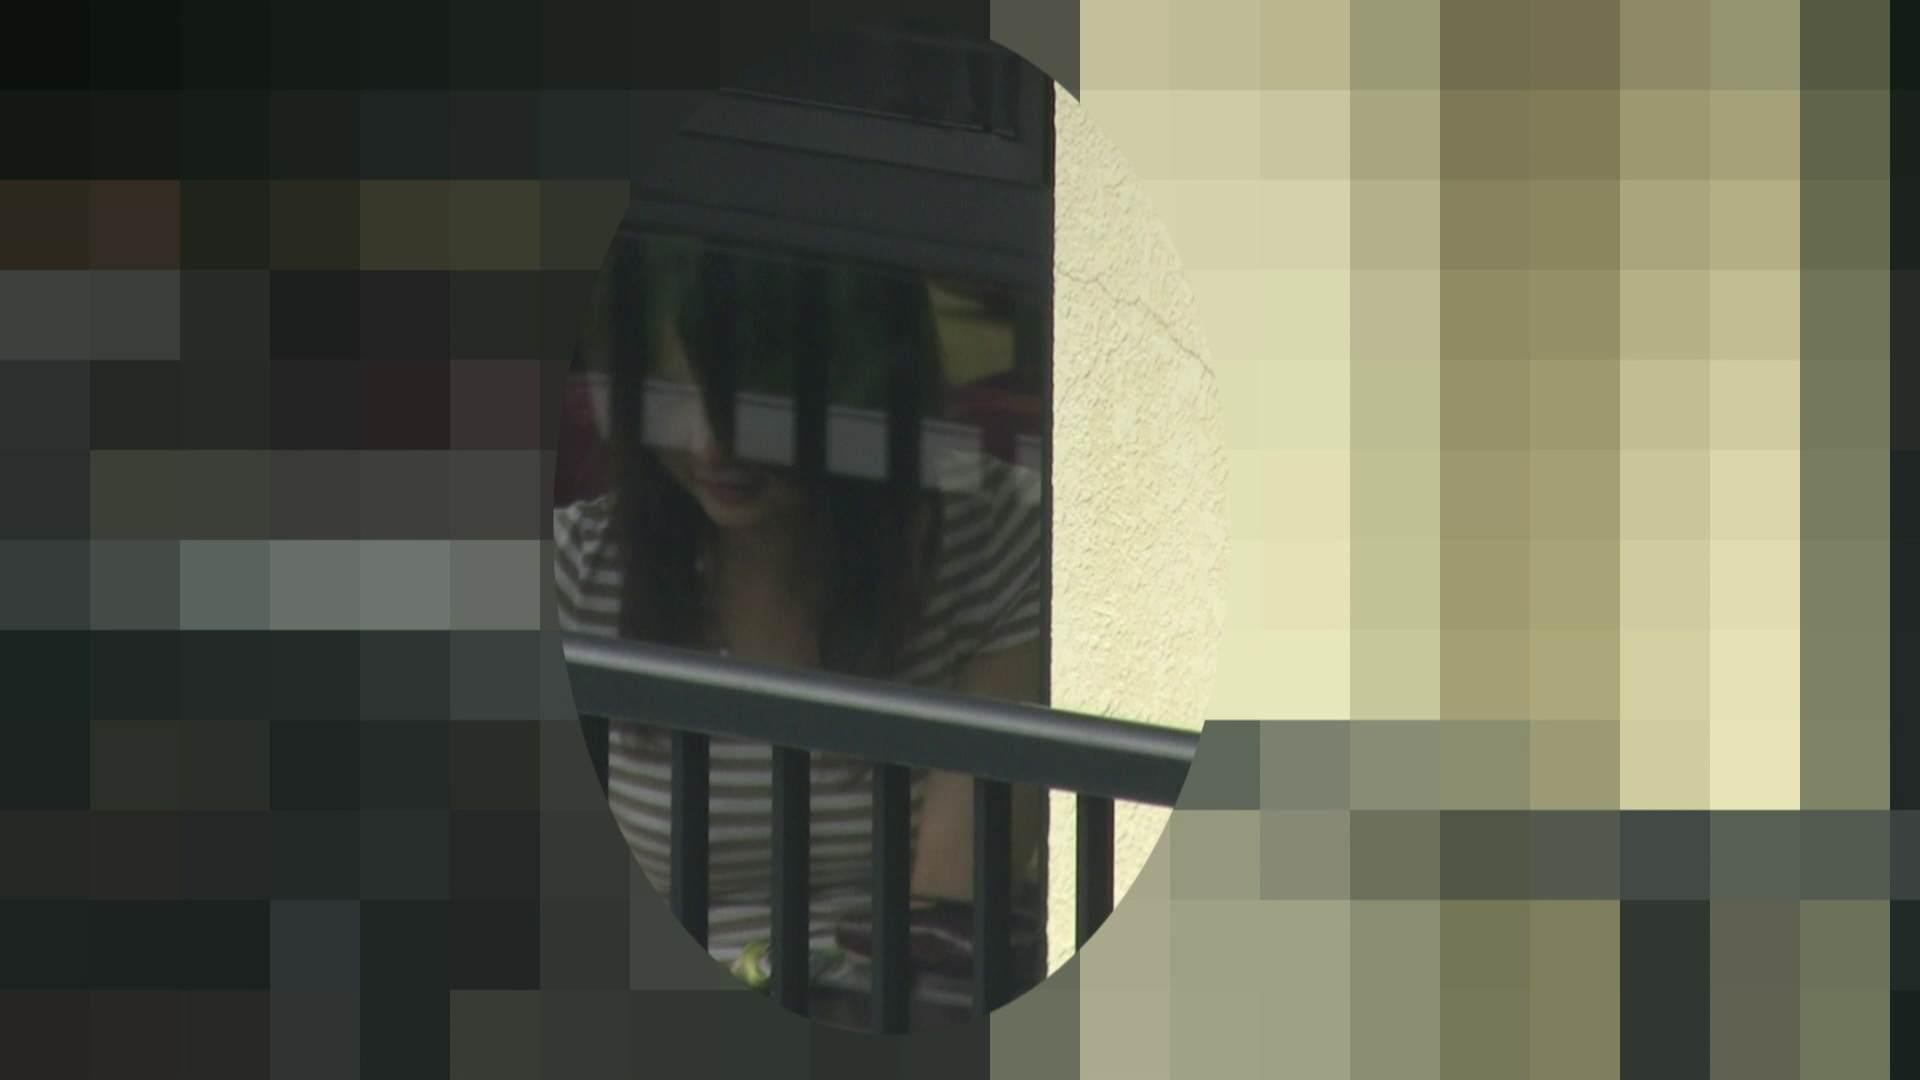 高画質露天女風呂観察 vol.032 美しいOLの裸体 AV無料動画キャプチャ 83pic 72